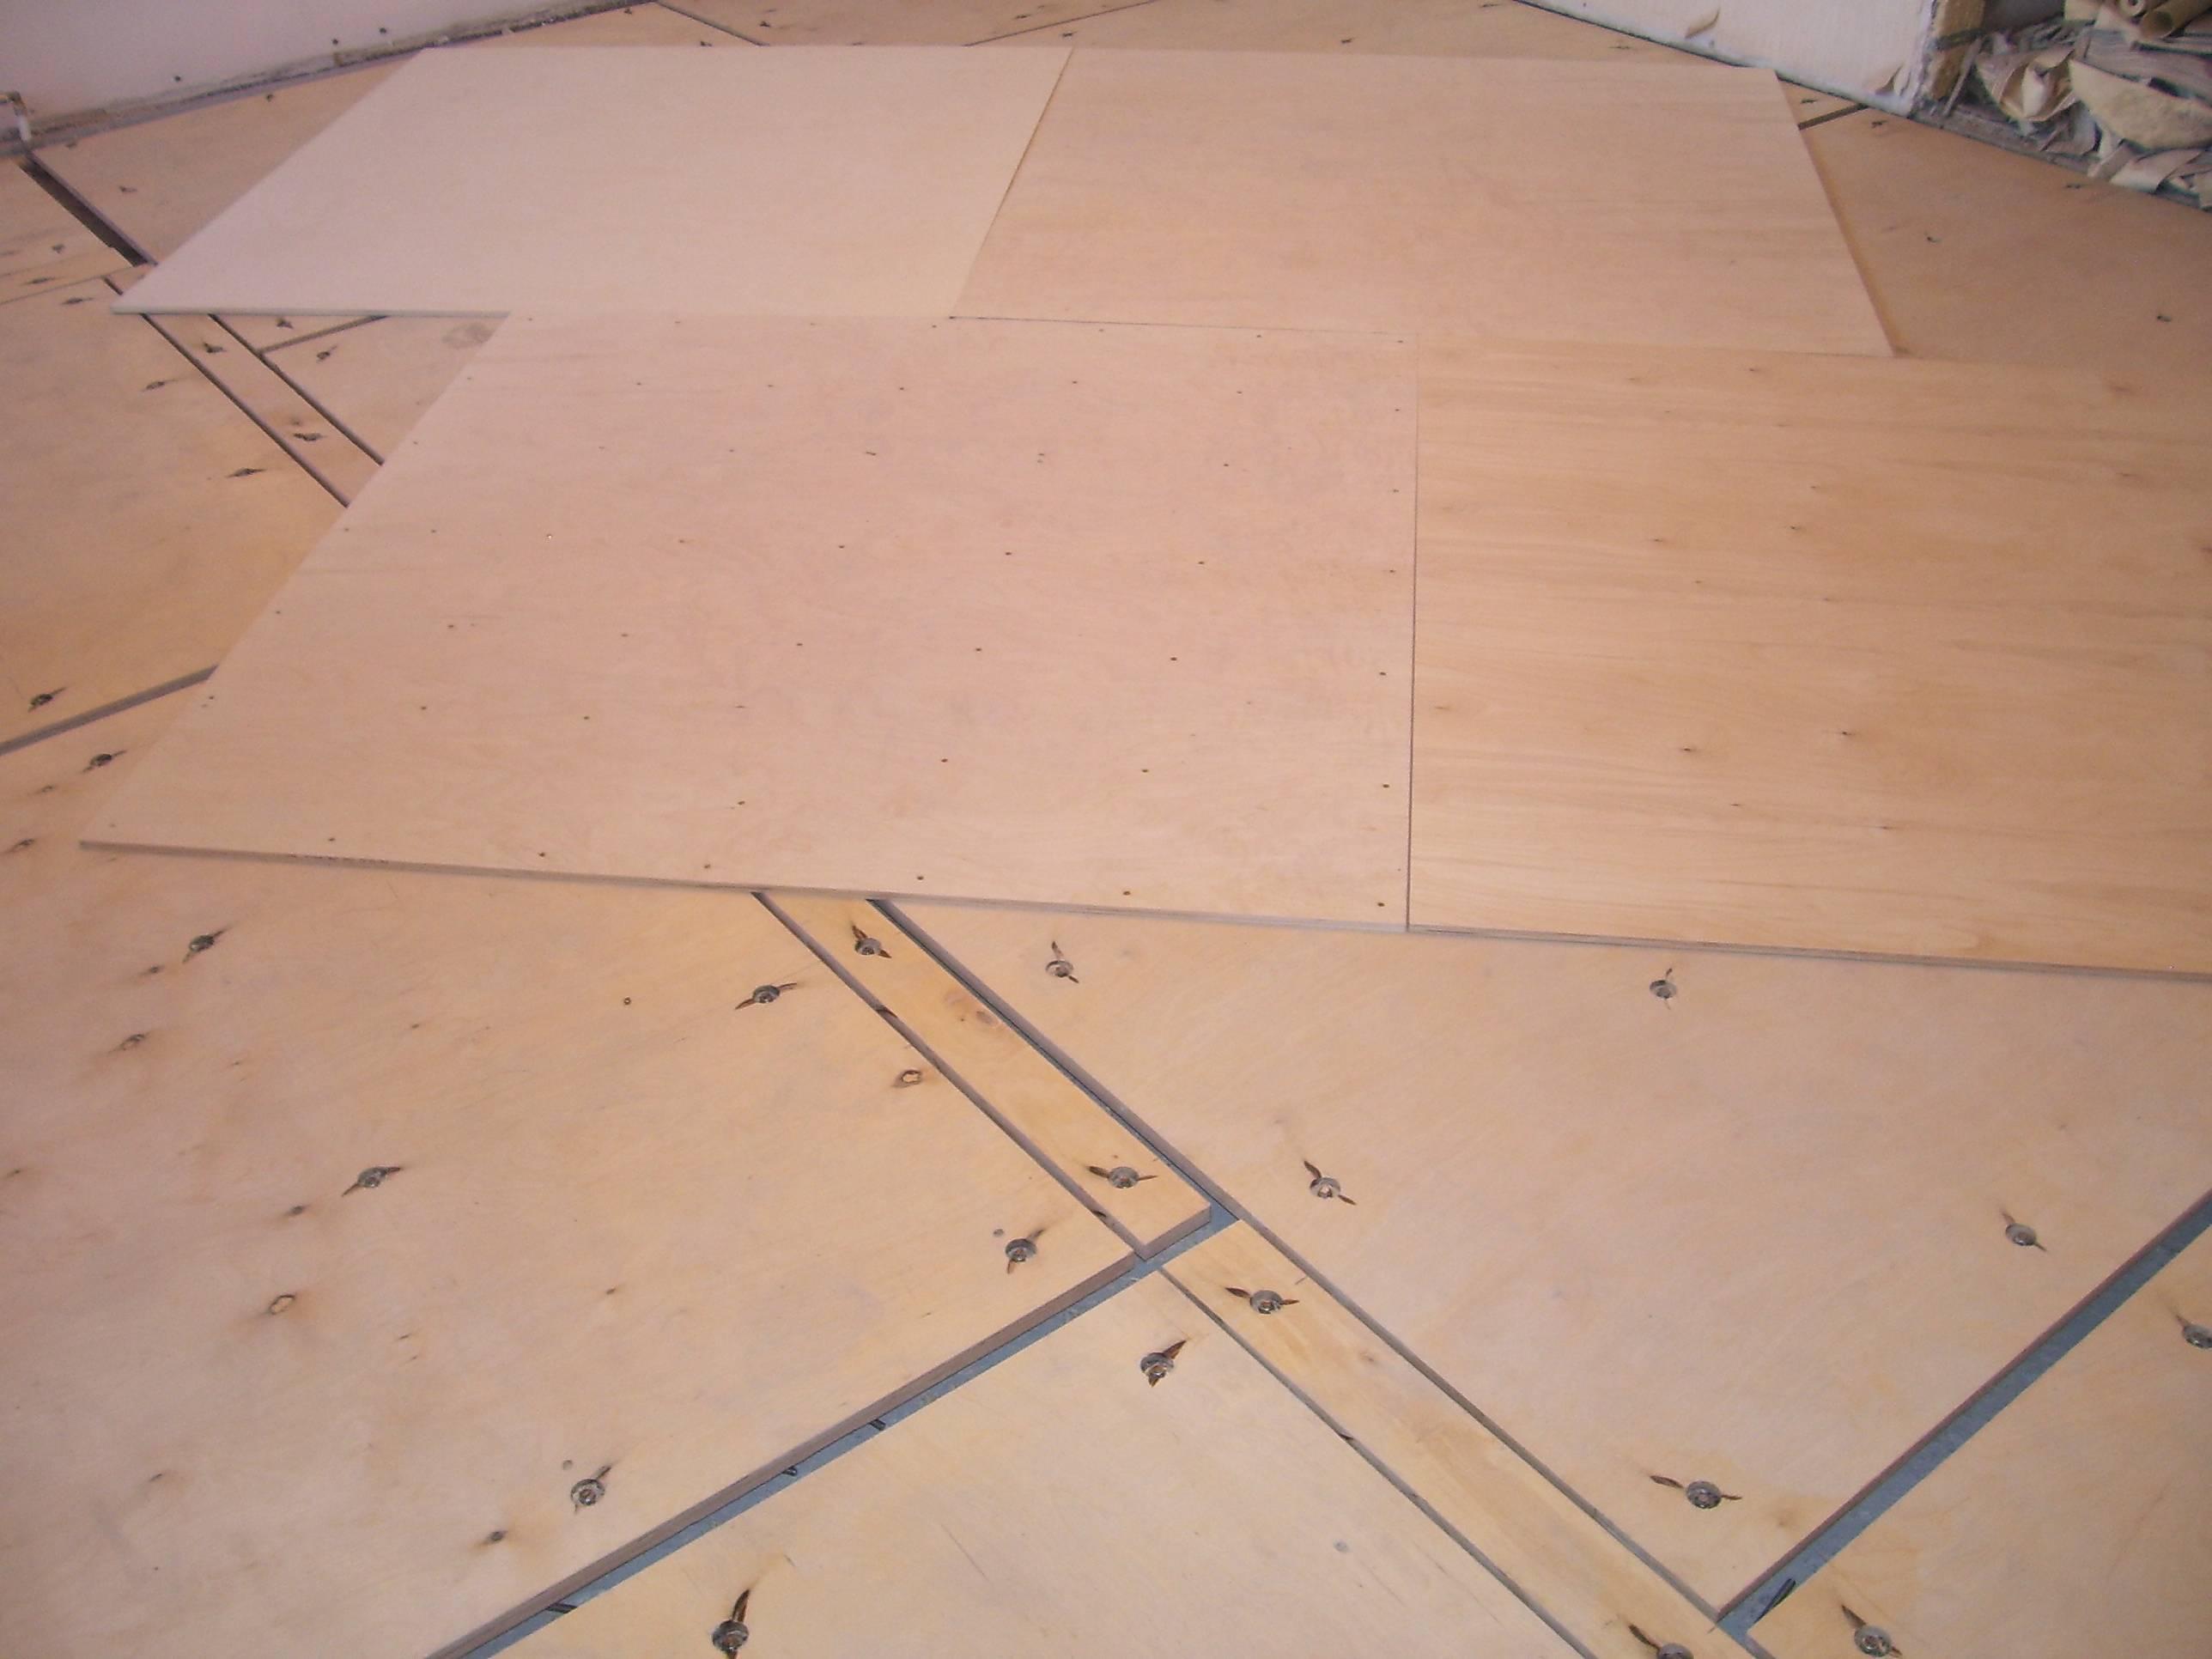 Укладка фанеры на деревянный пол: какая толщина плит, подложка, чем крепить (видео)